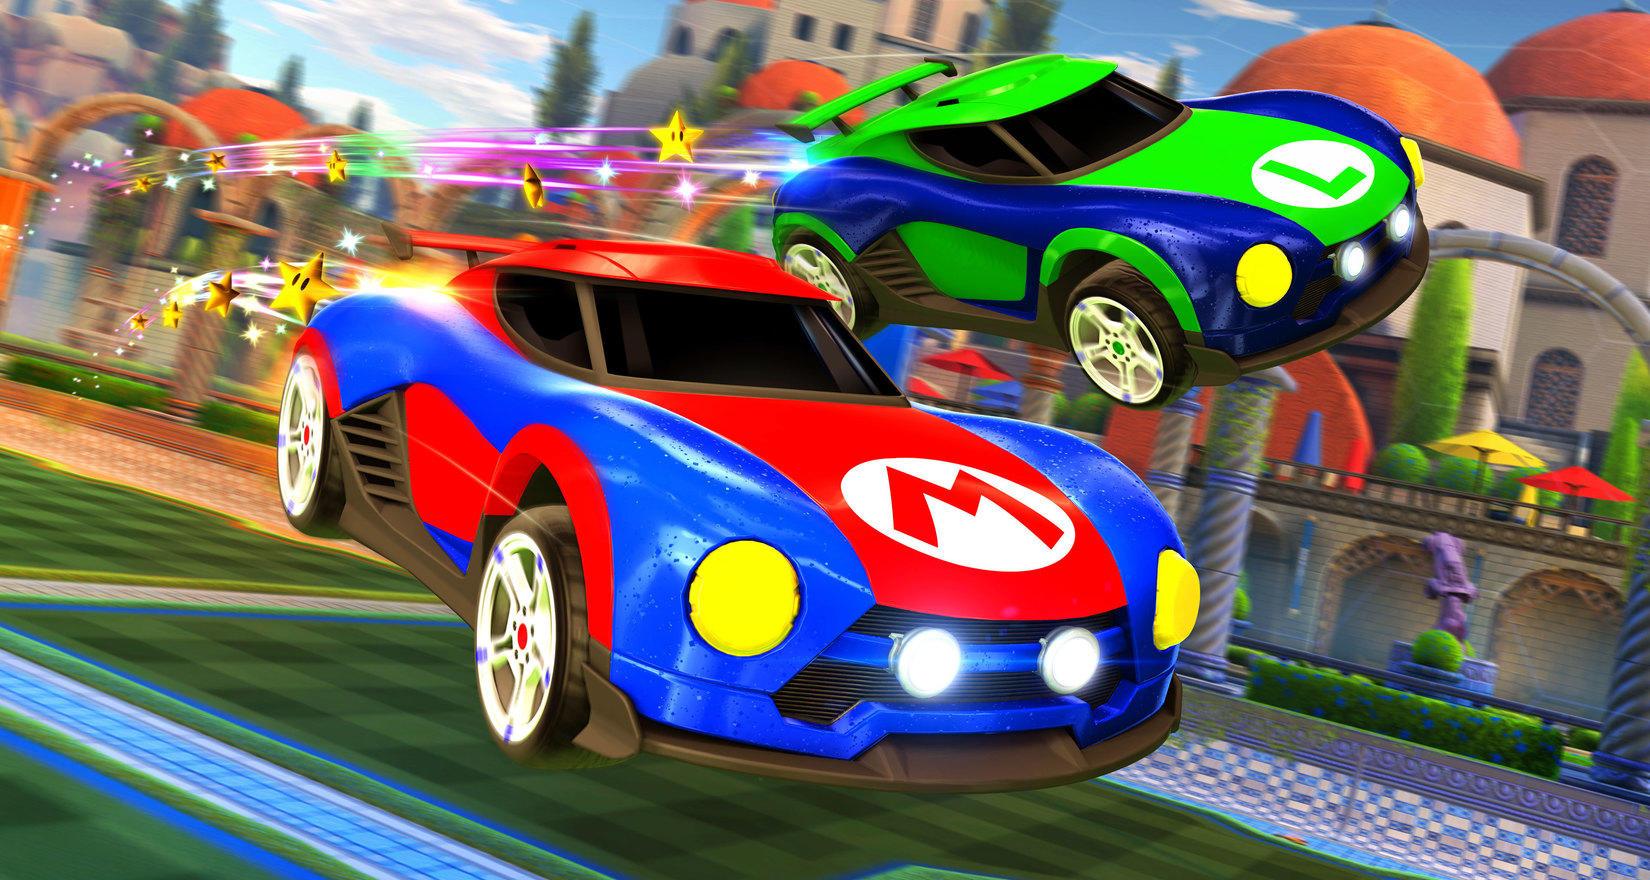 Des voitures Mario et Metroid dans Rocket League sur Nintendo Switch